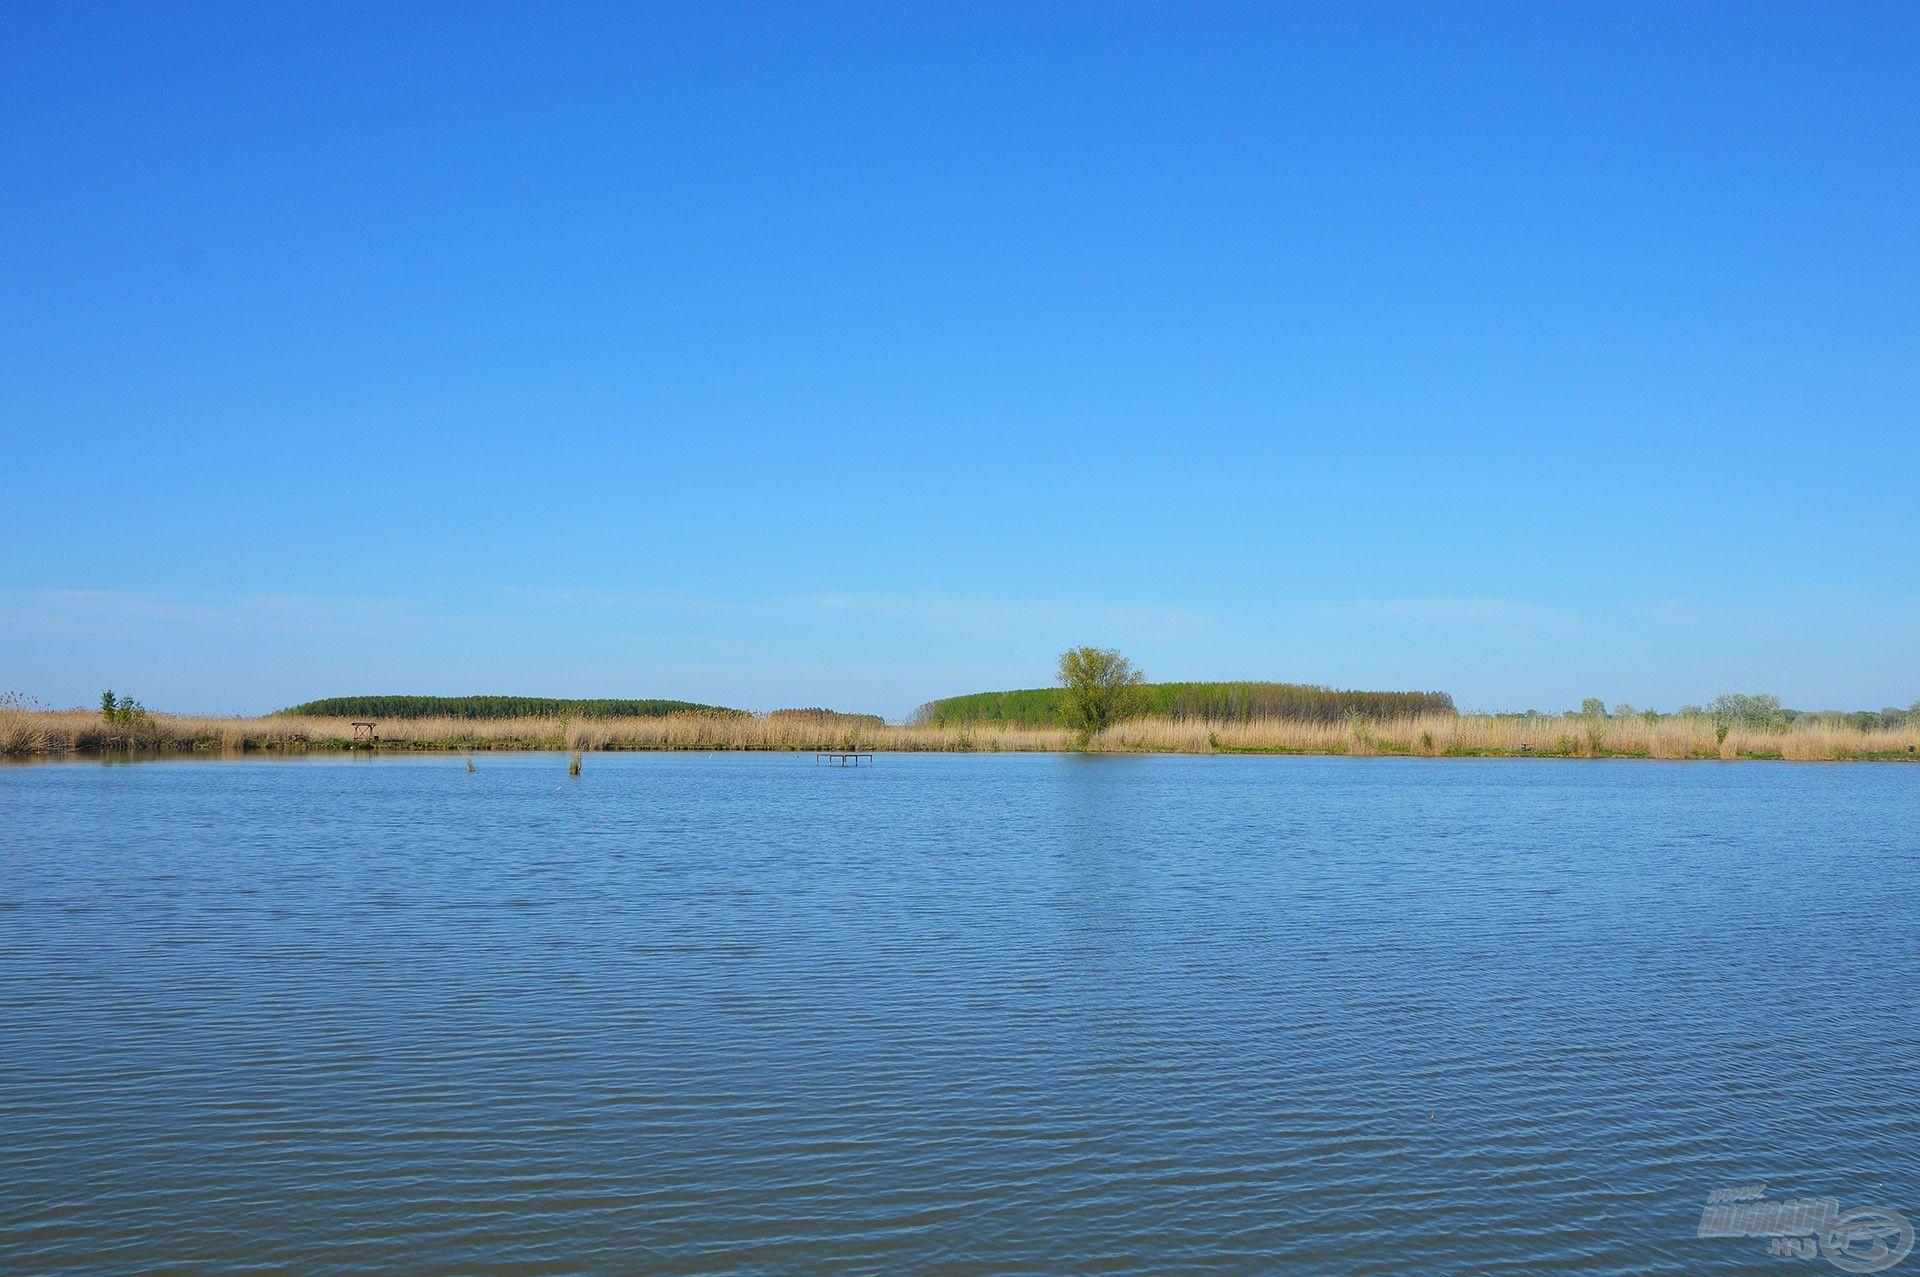 Megannyi lehetőség és sok szép hal otthona ez a víz